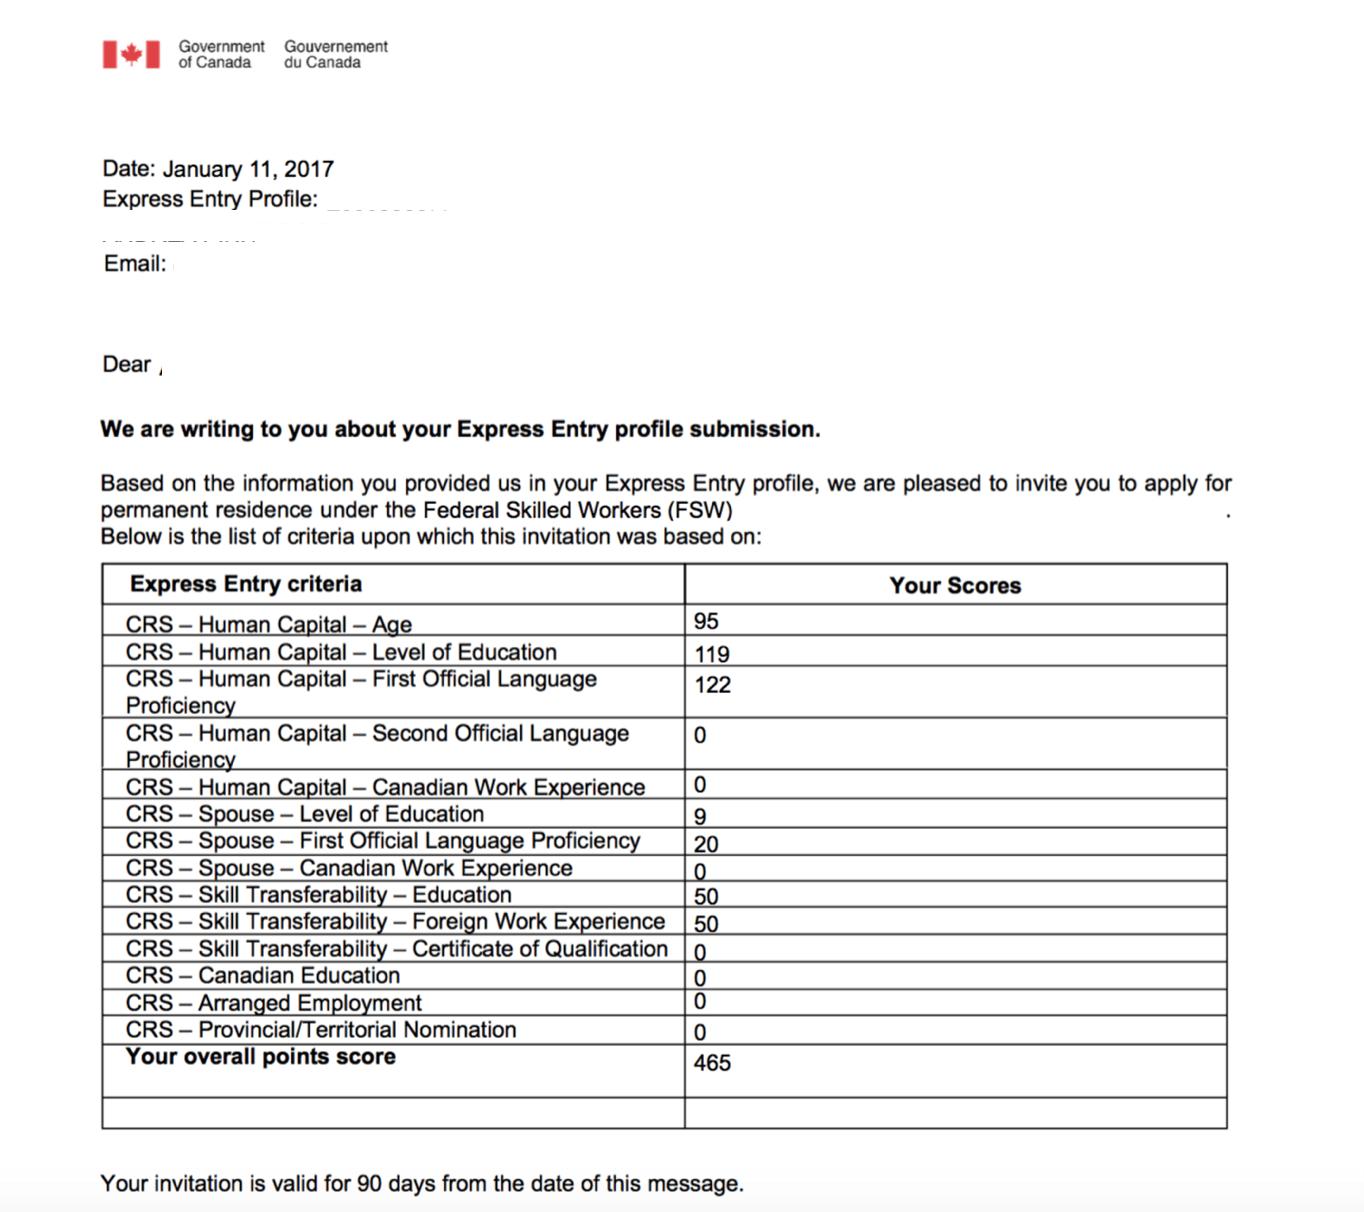 Dois clientes MJ Consultoria receberam o ITA  - Confira os perfis Screenshot 2017 01 17 22